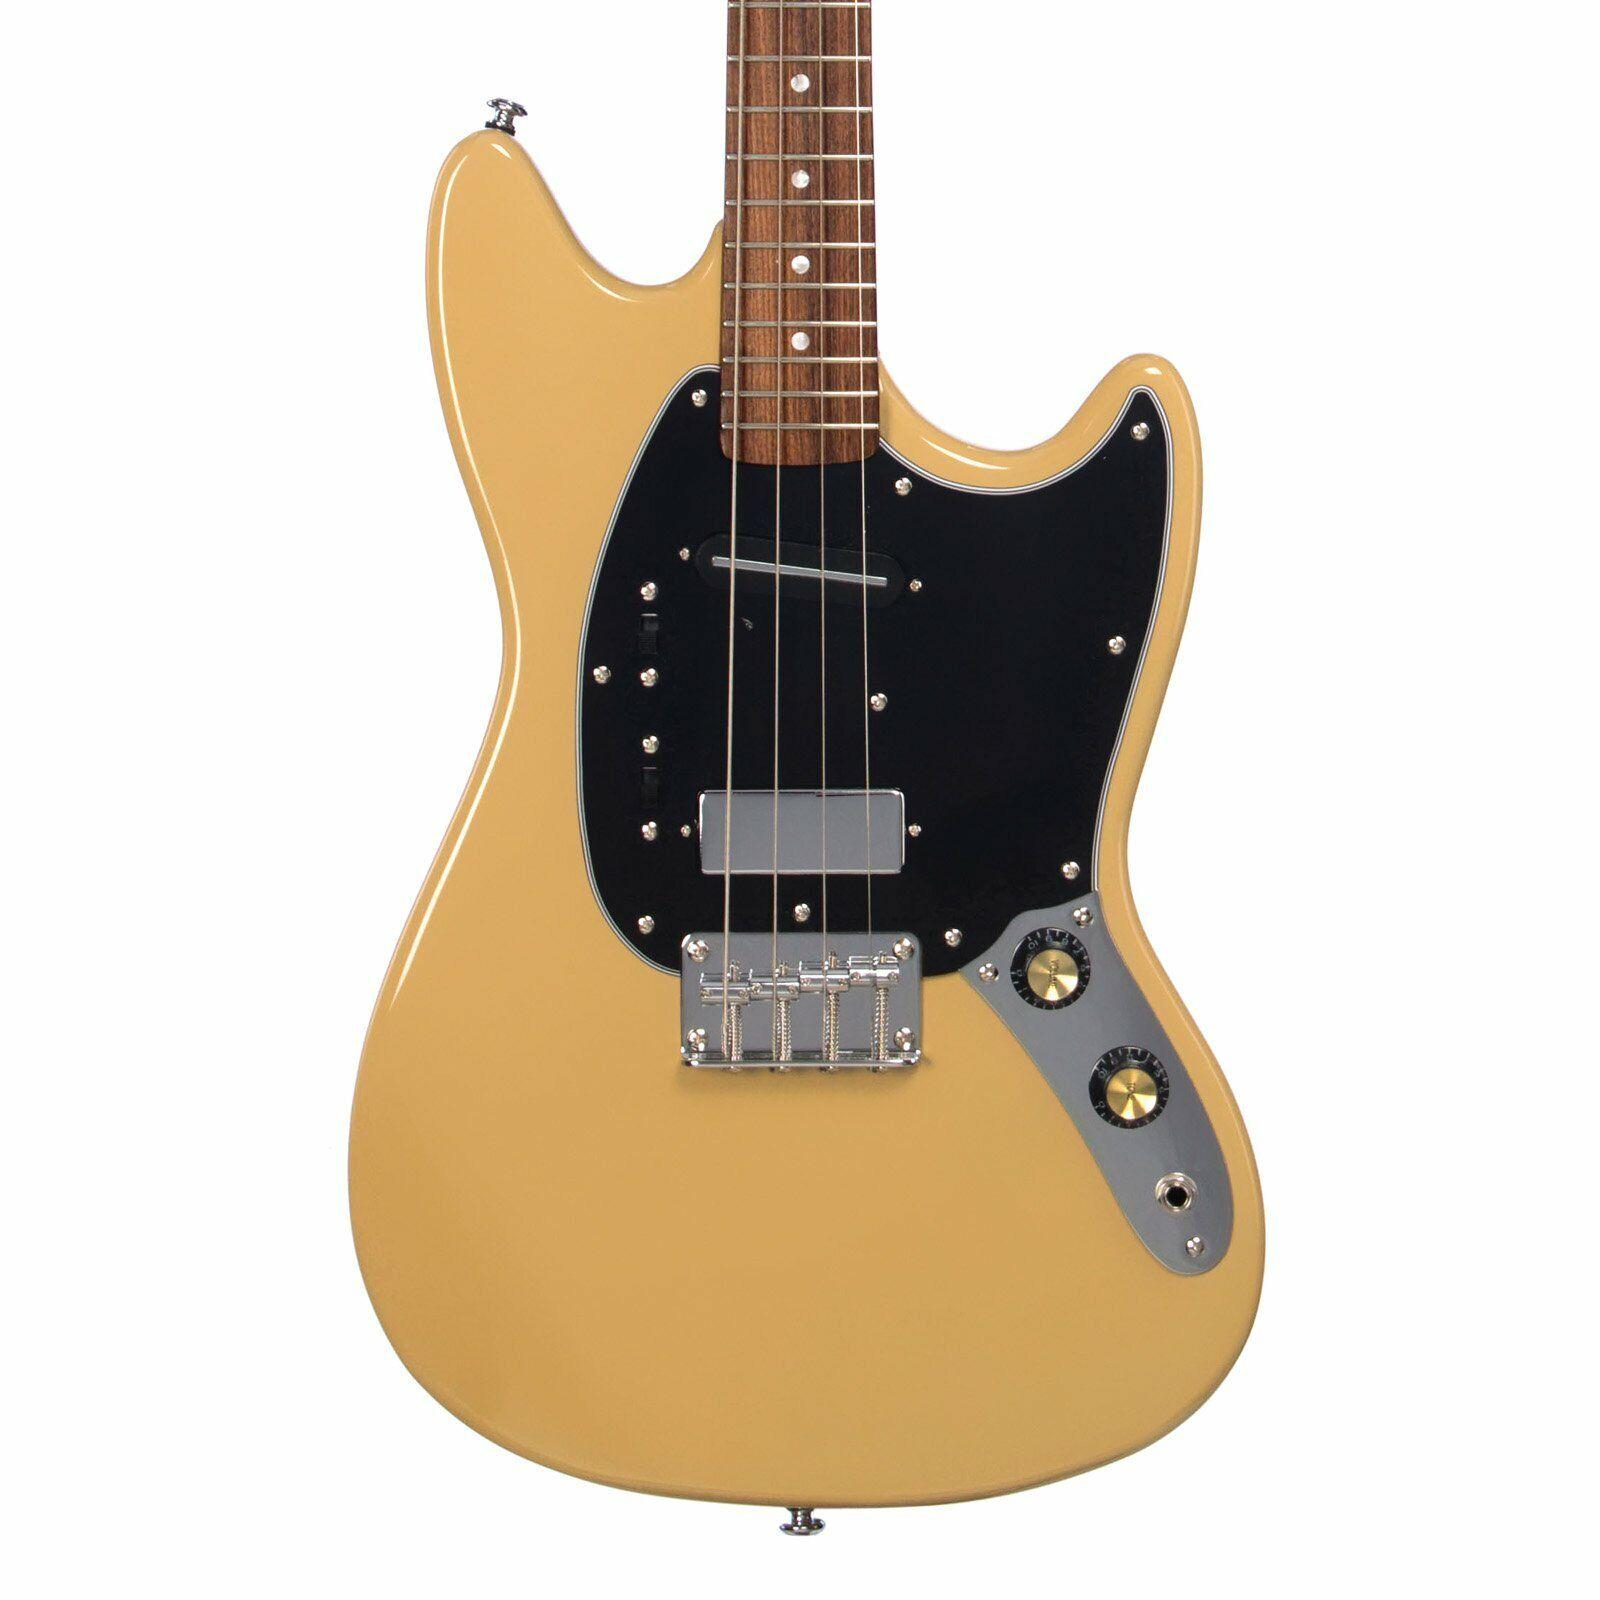 Eastwood Guitars Warren Ellis Signature Tenor Baritone 2P - Desert Sand - NEW